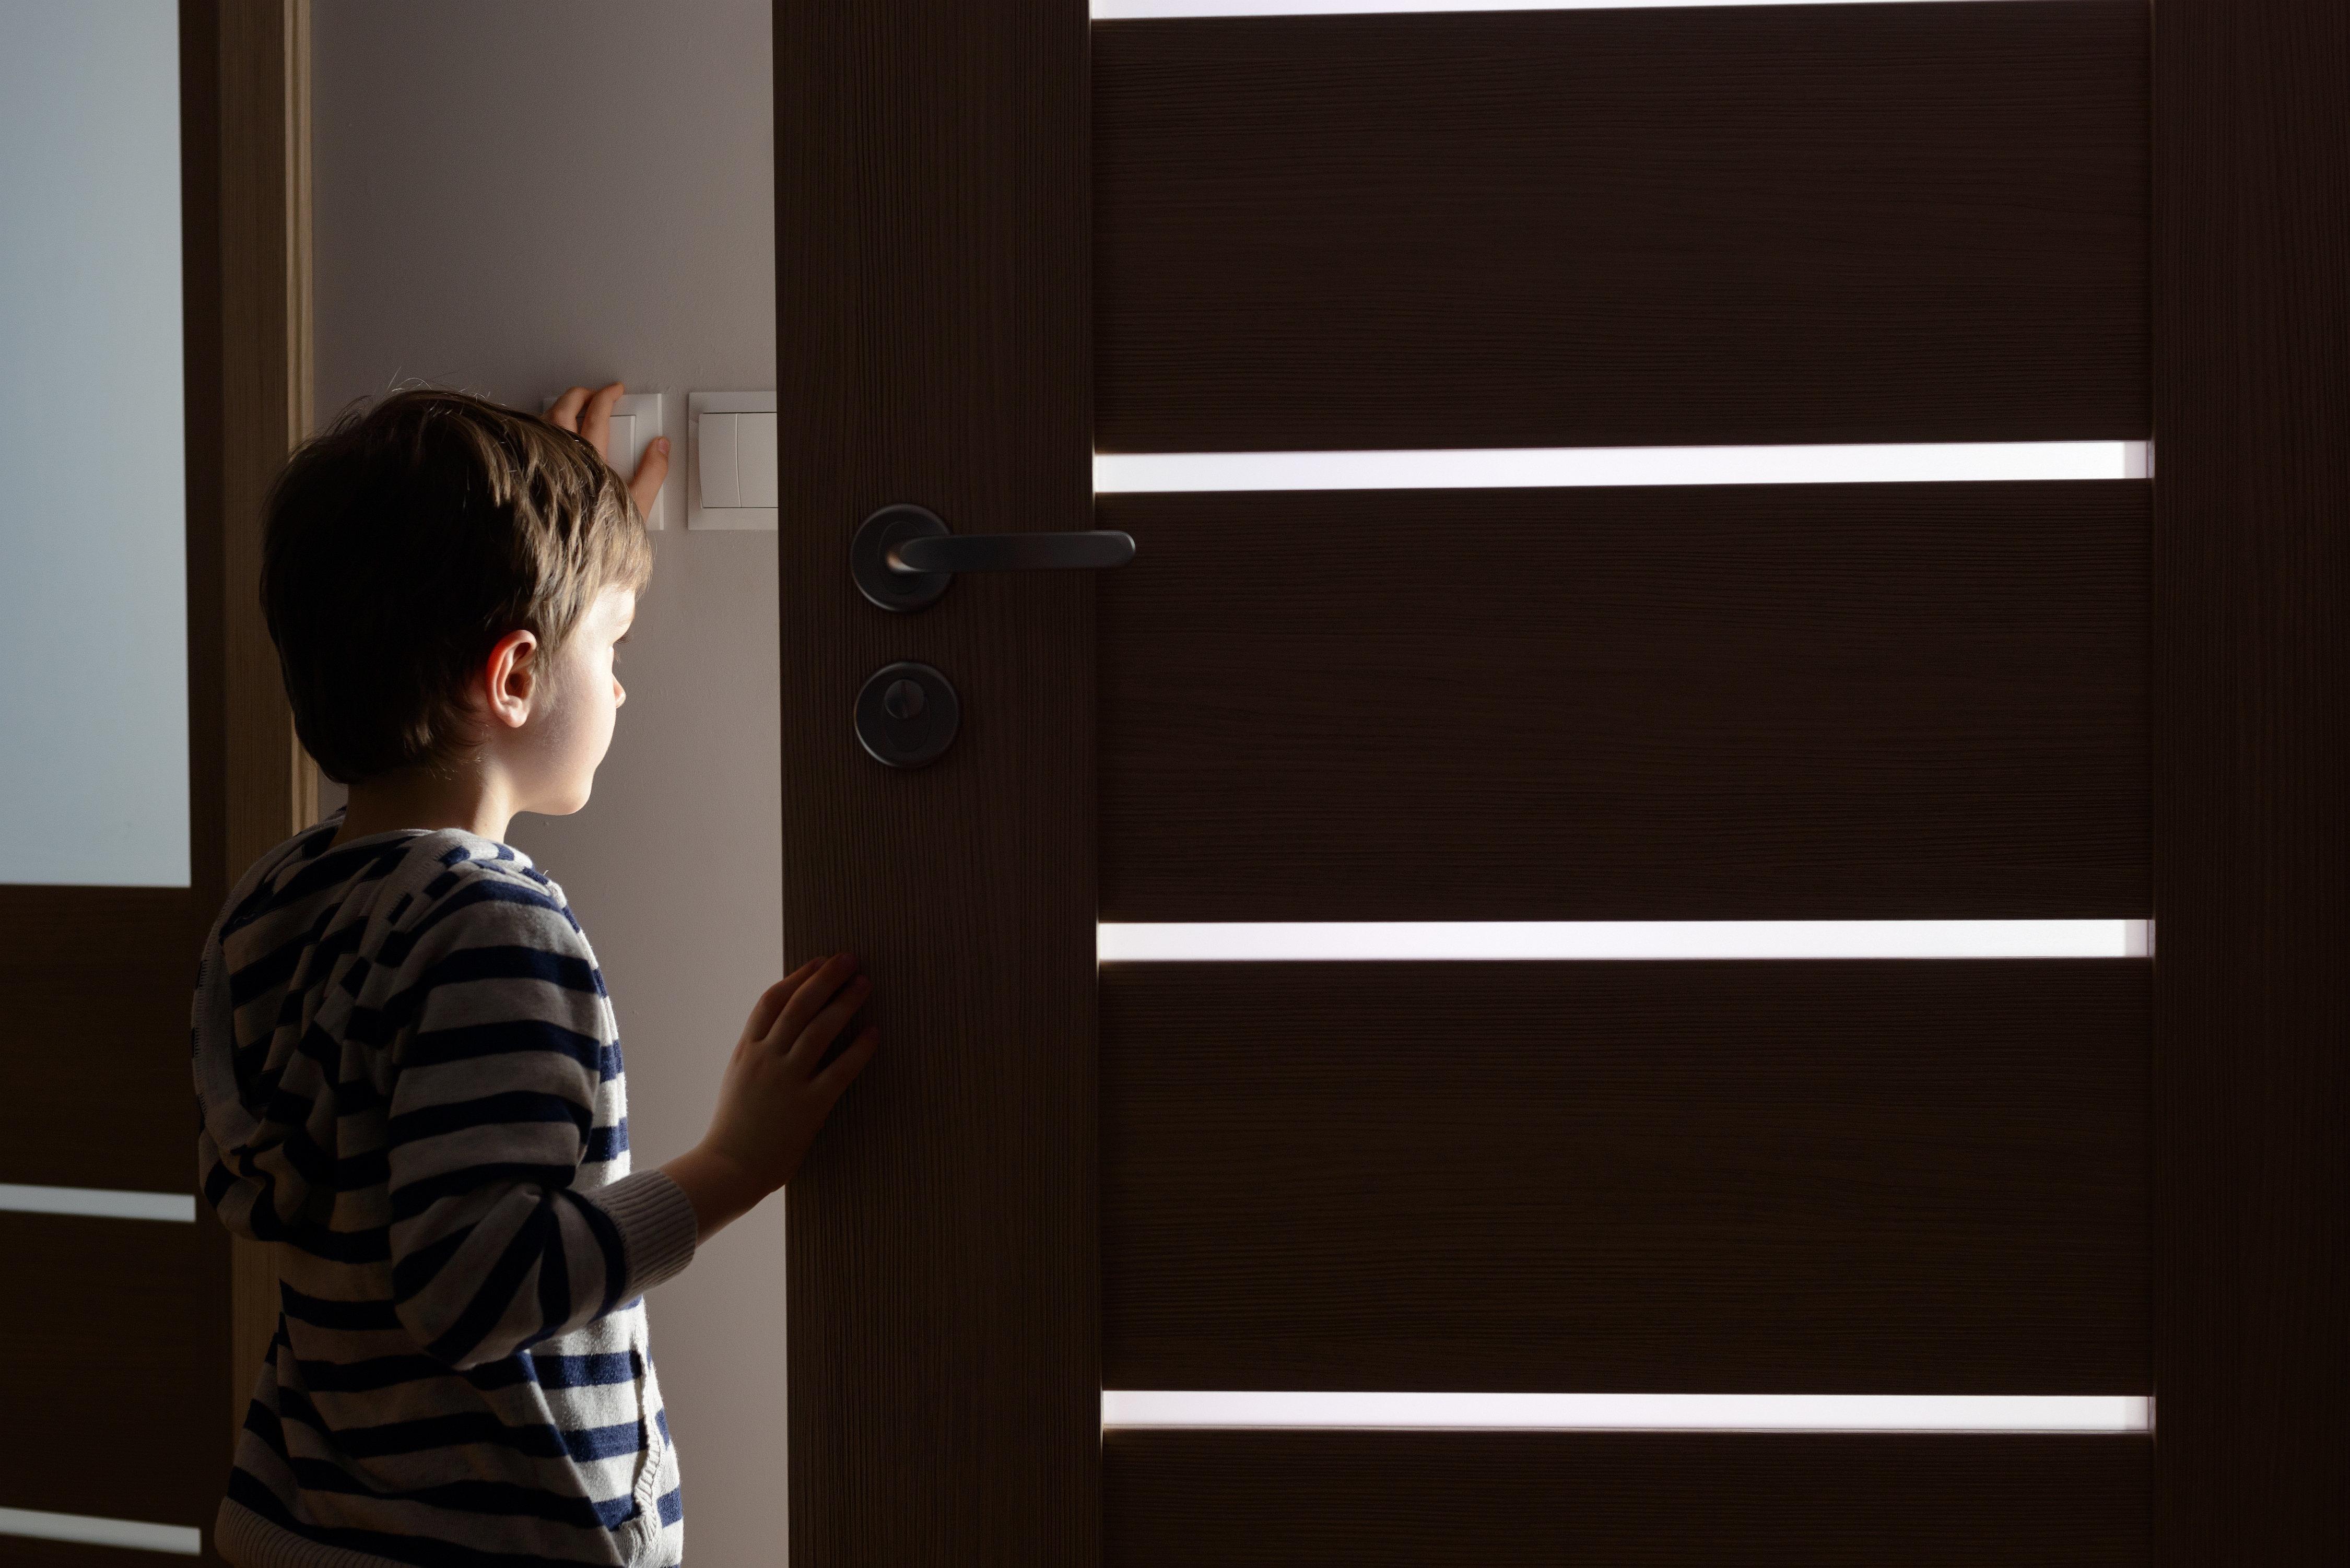 Kinder im Dunkeln eingesperrt: Eltern erheben Horror-Vorwürfe gegen Kölner